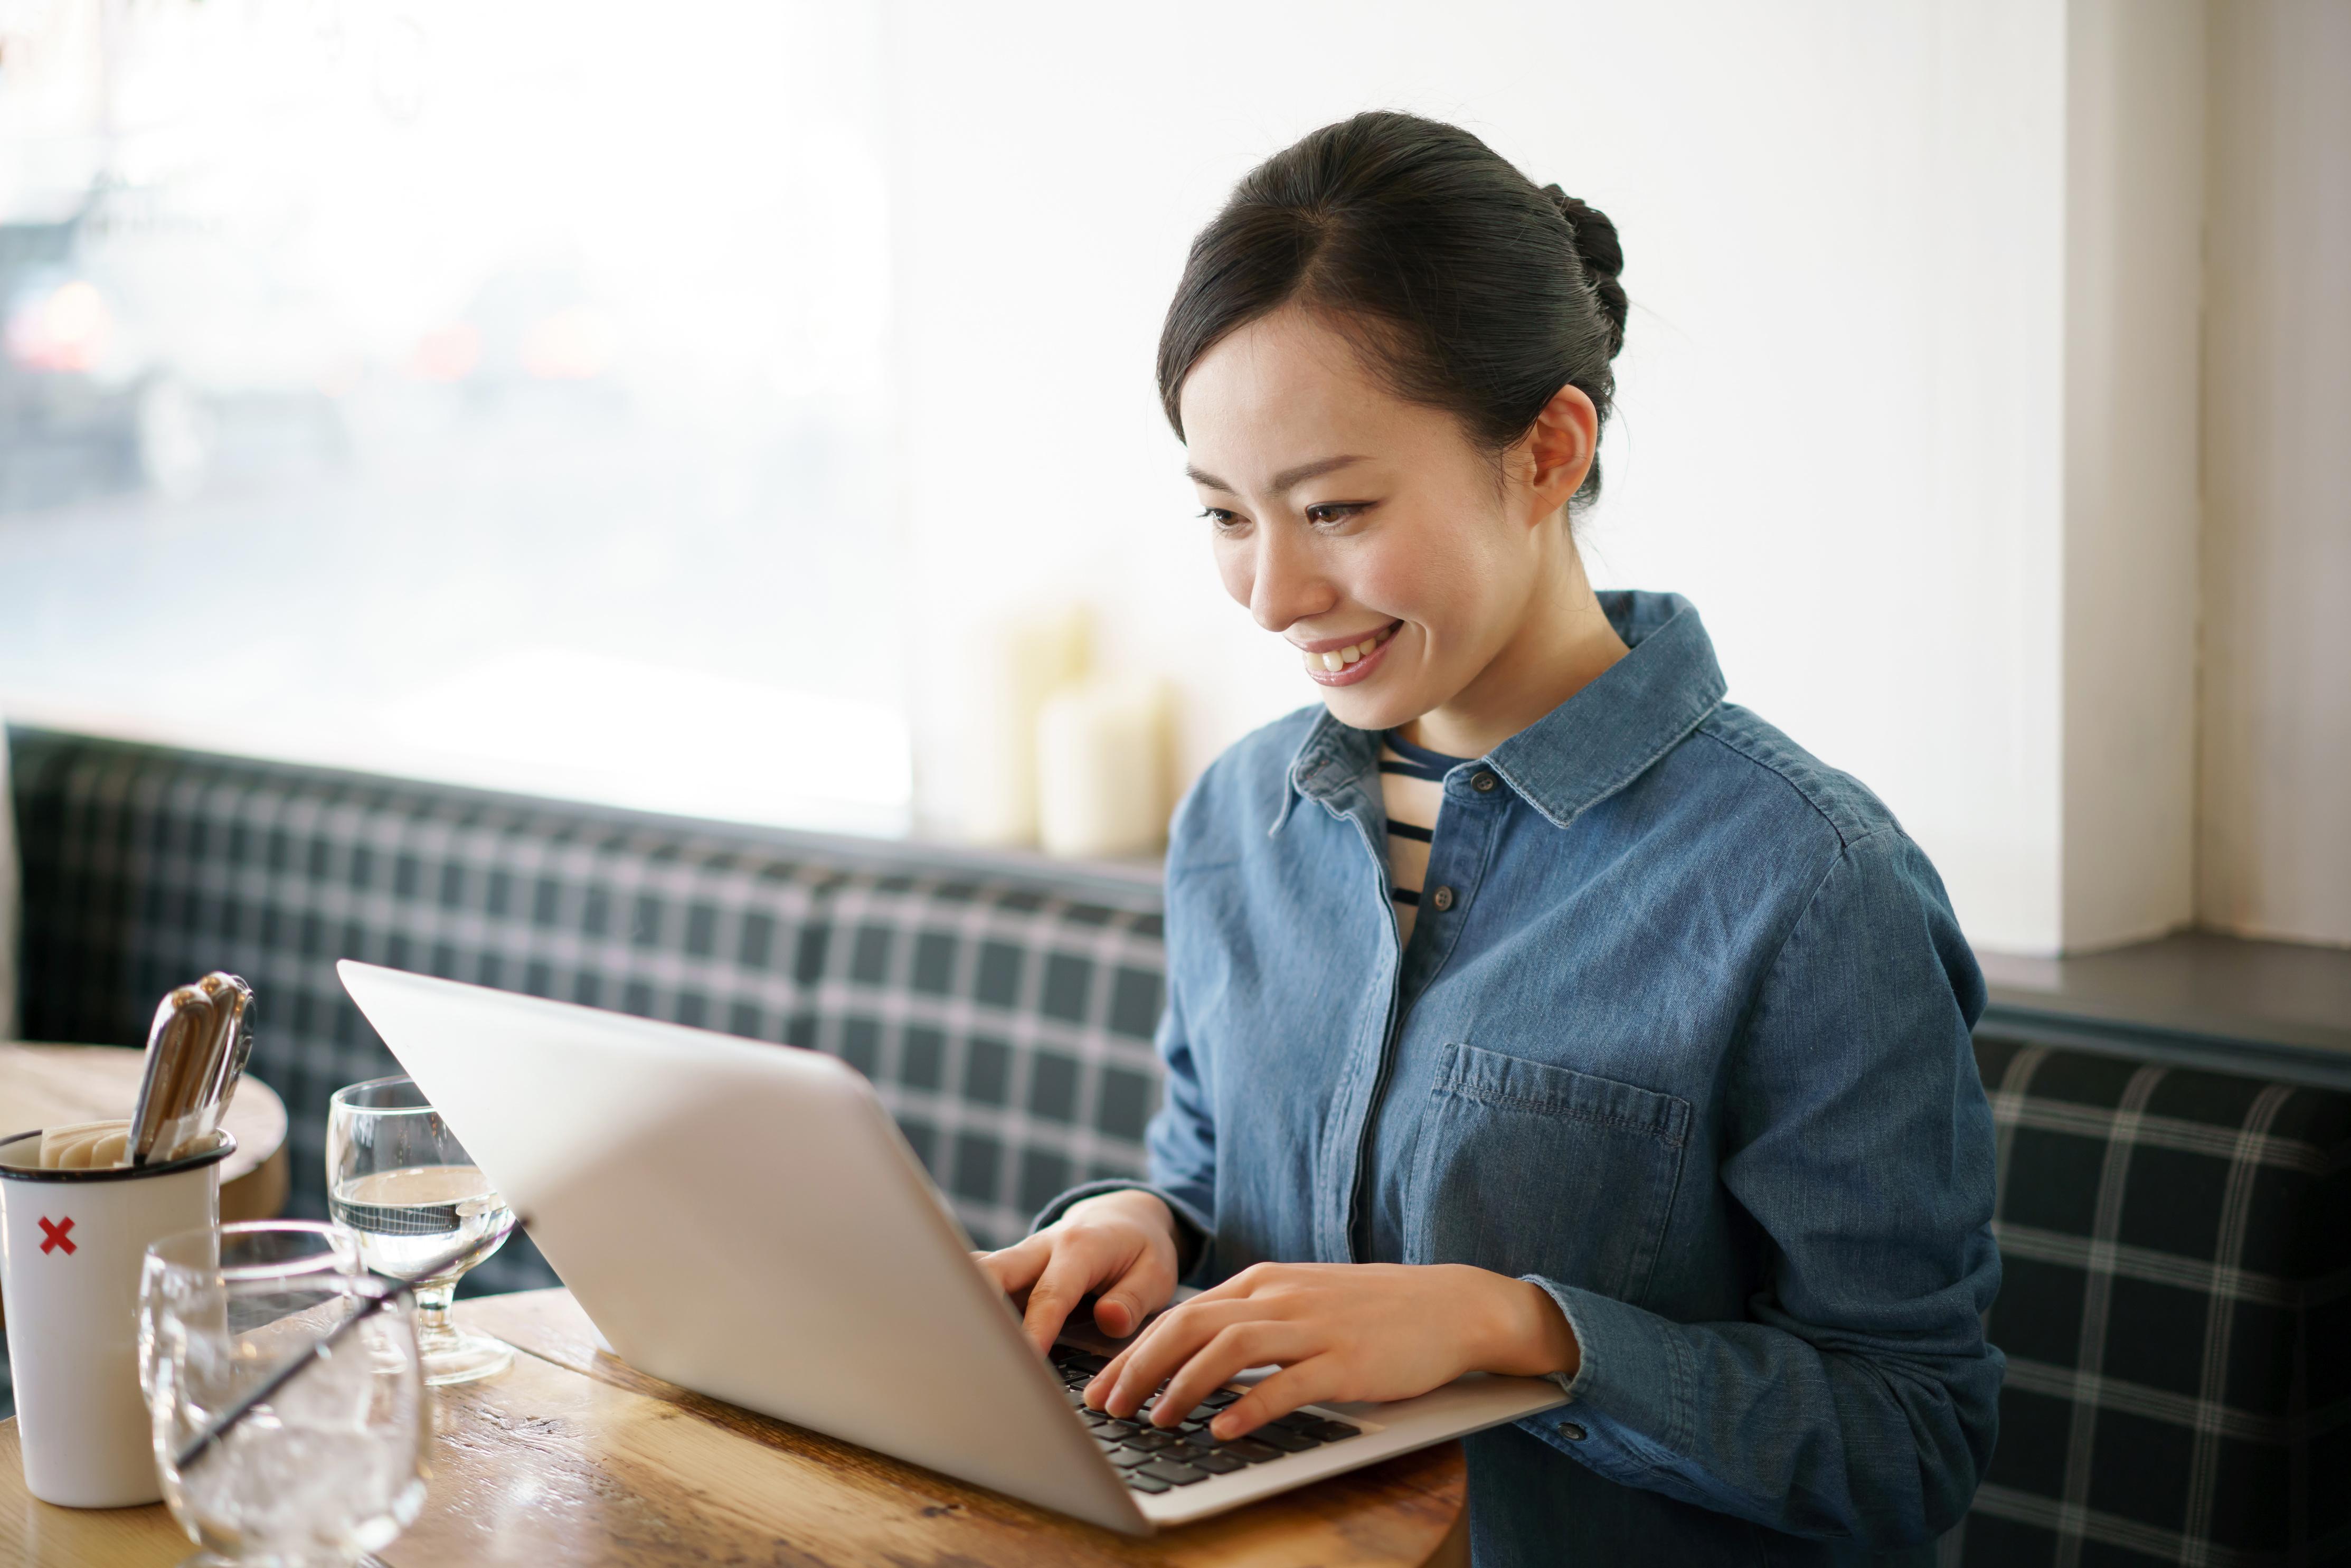 ウェブライティングをする女性